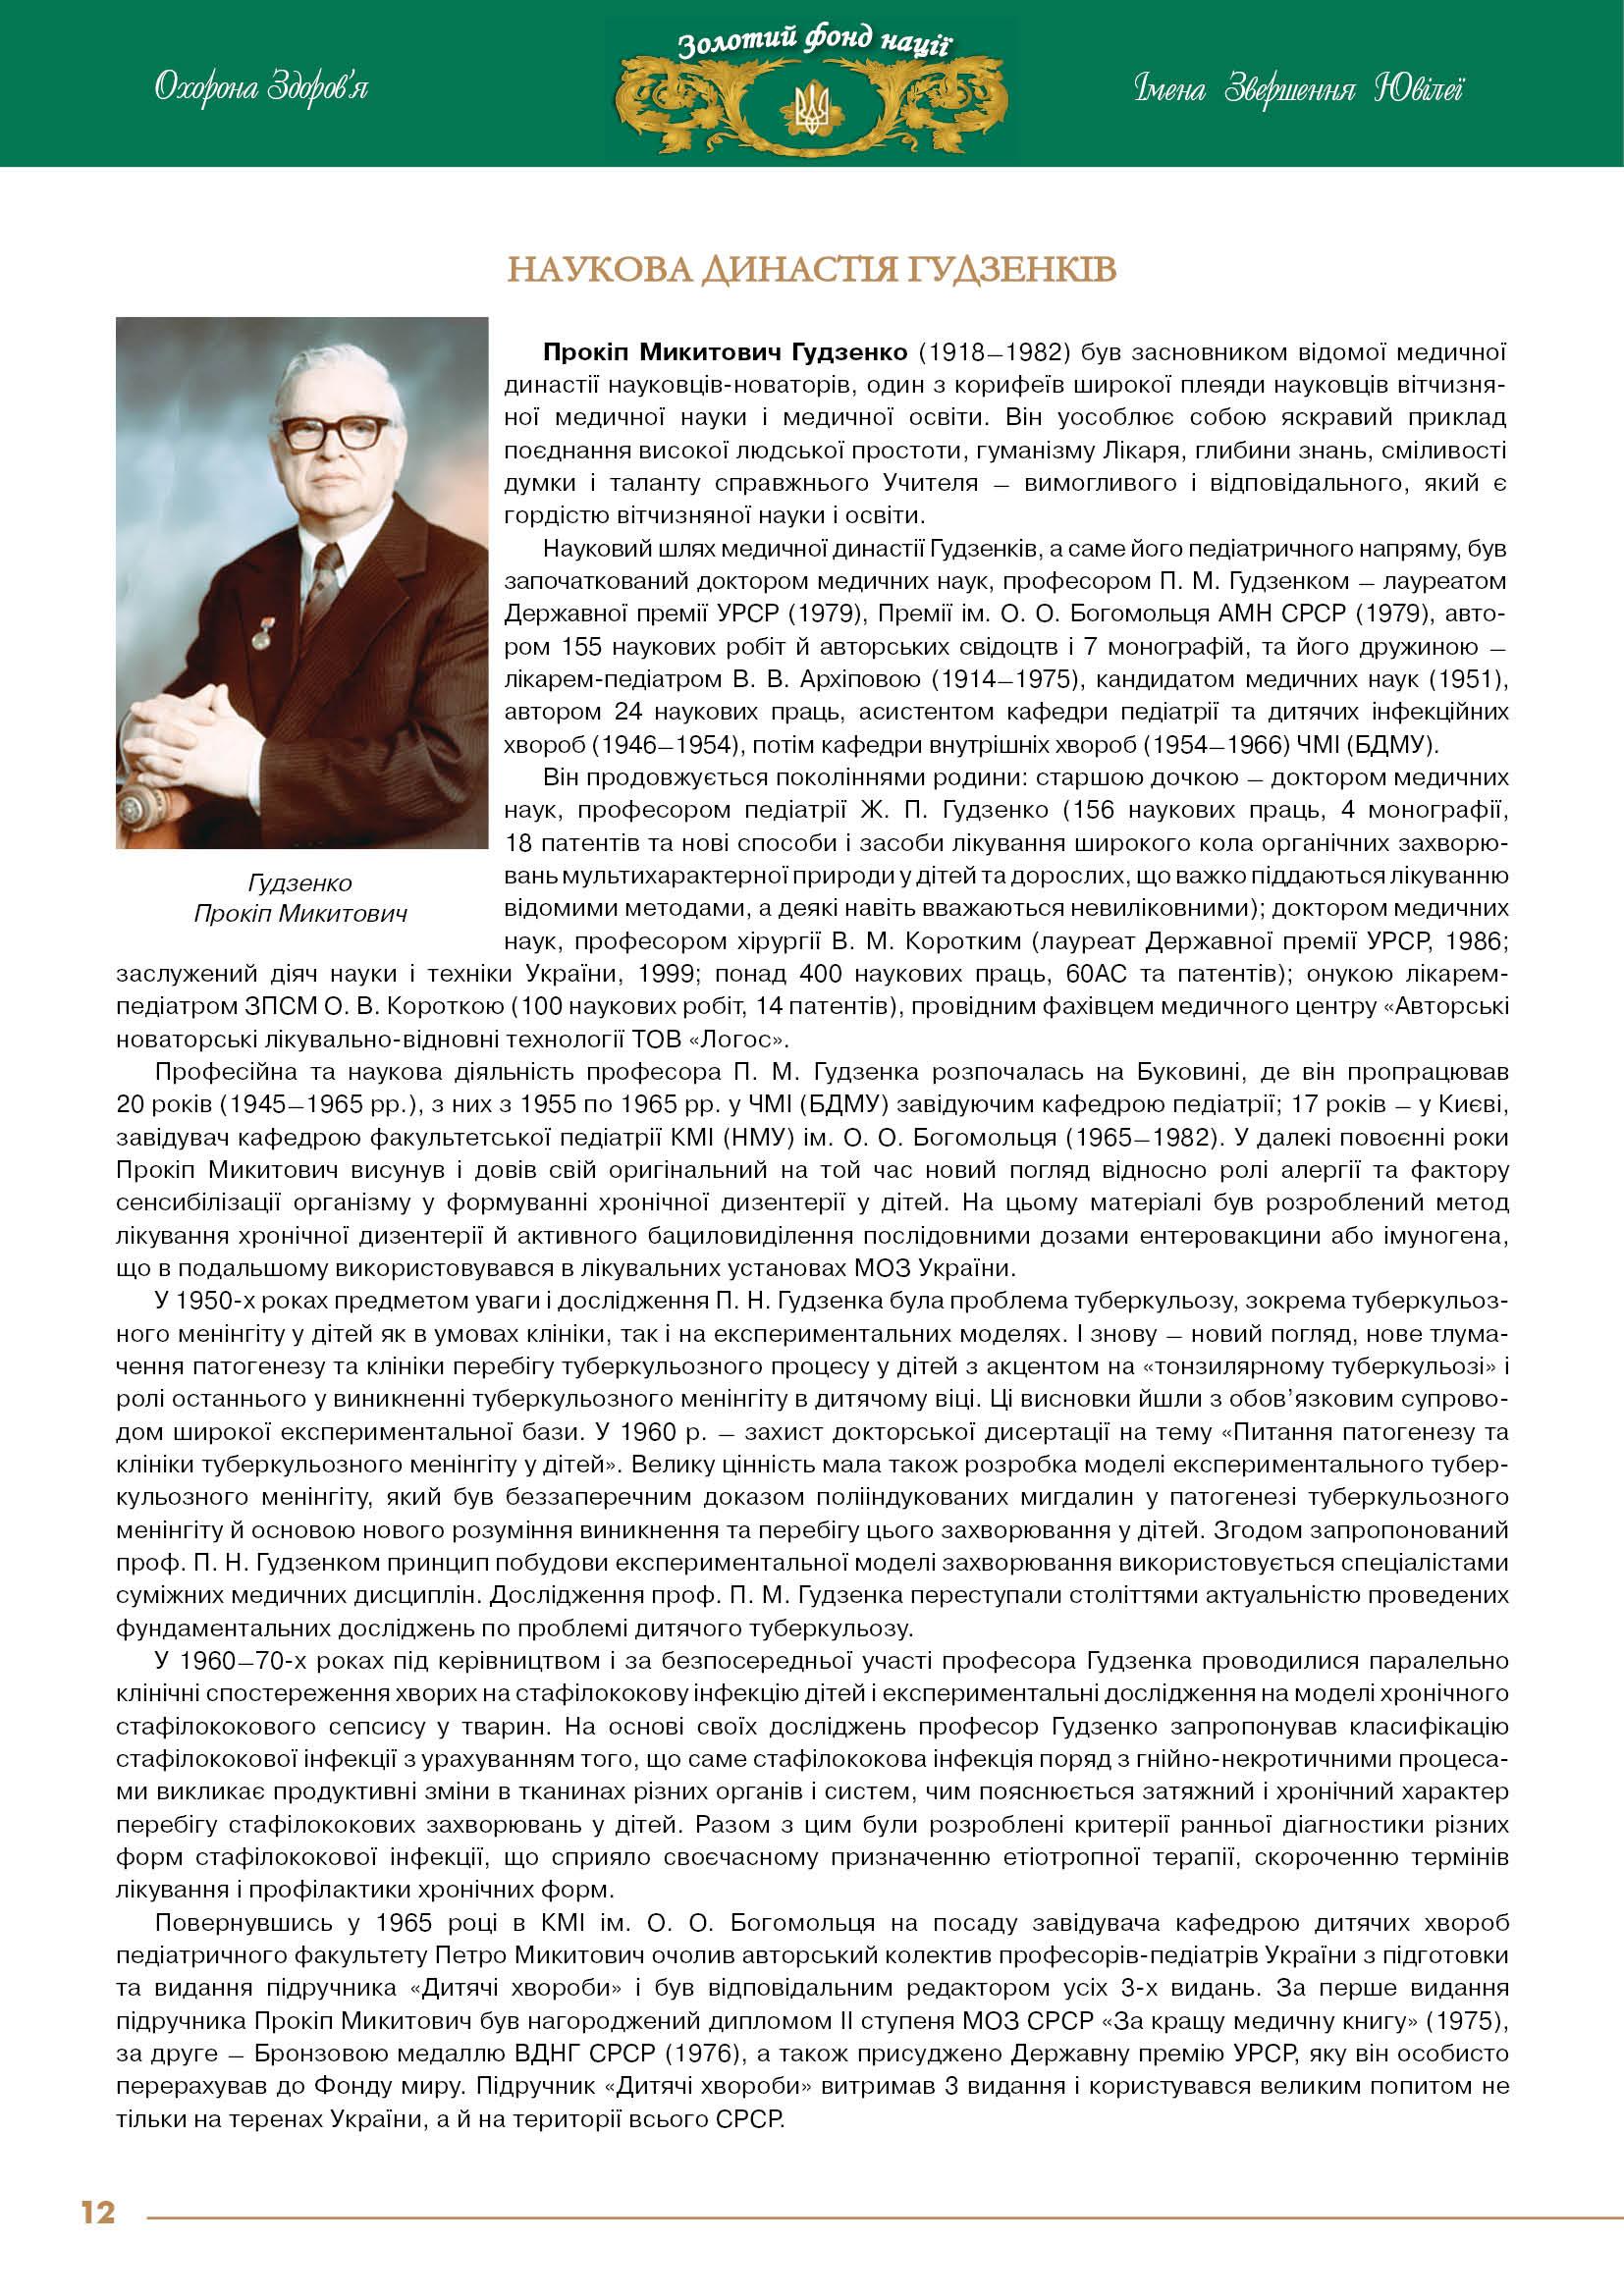 Наукова династія Гудзенків